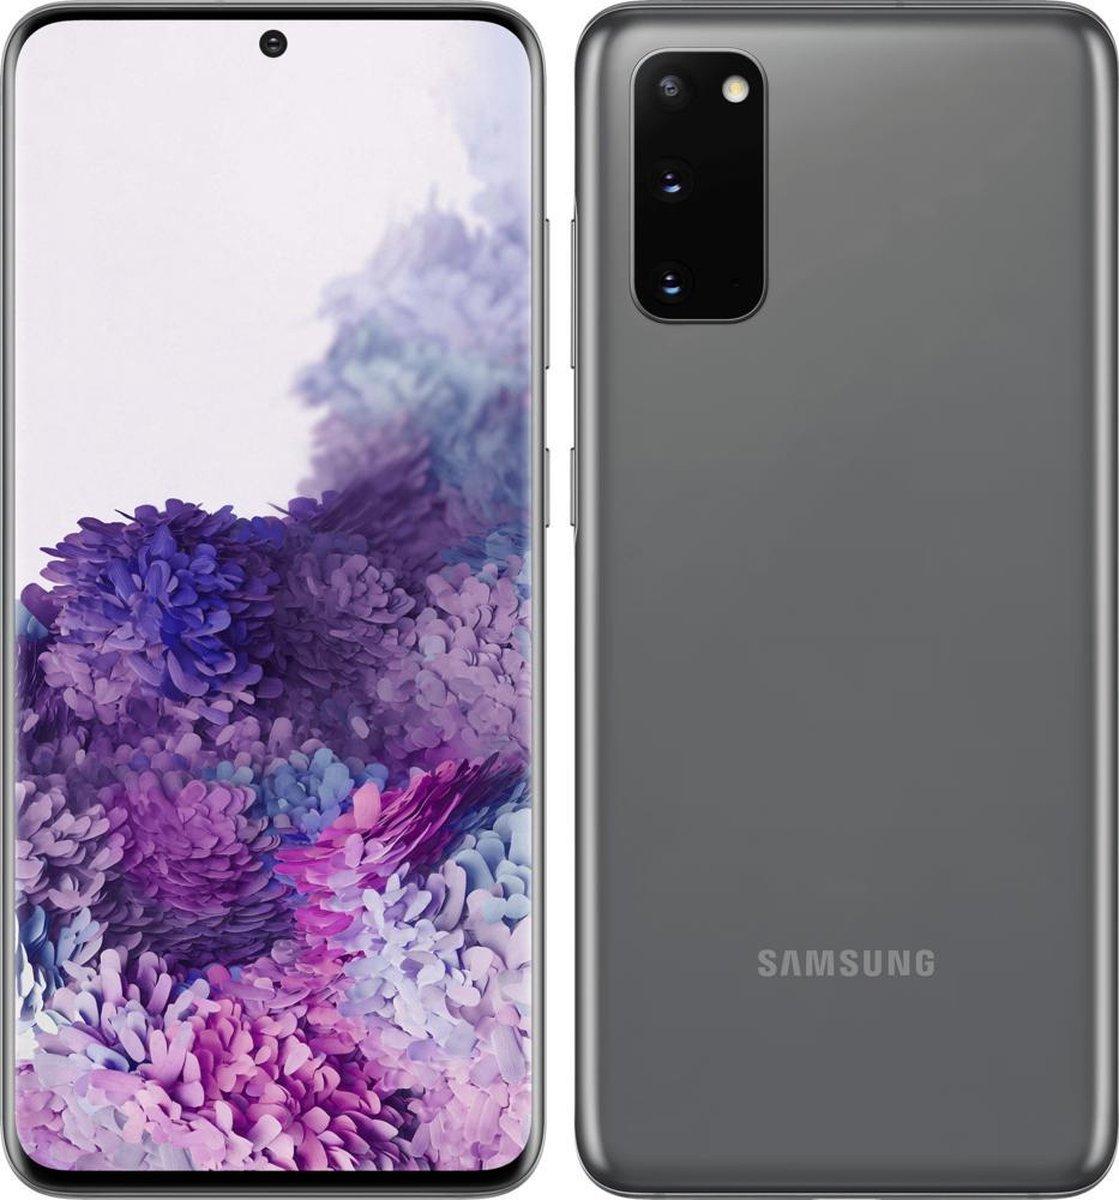 Samsung Galaxy S20 5G Duo – Alloccaz Refurbished – C grade (Zichtbaar gebruikt) – 128GB – Cosmic Gray